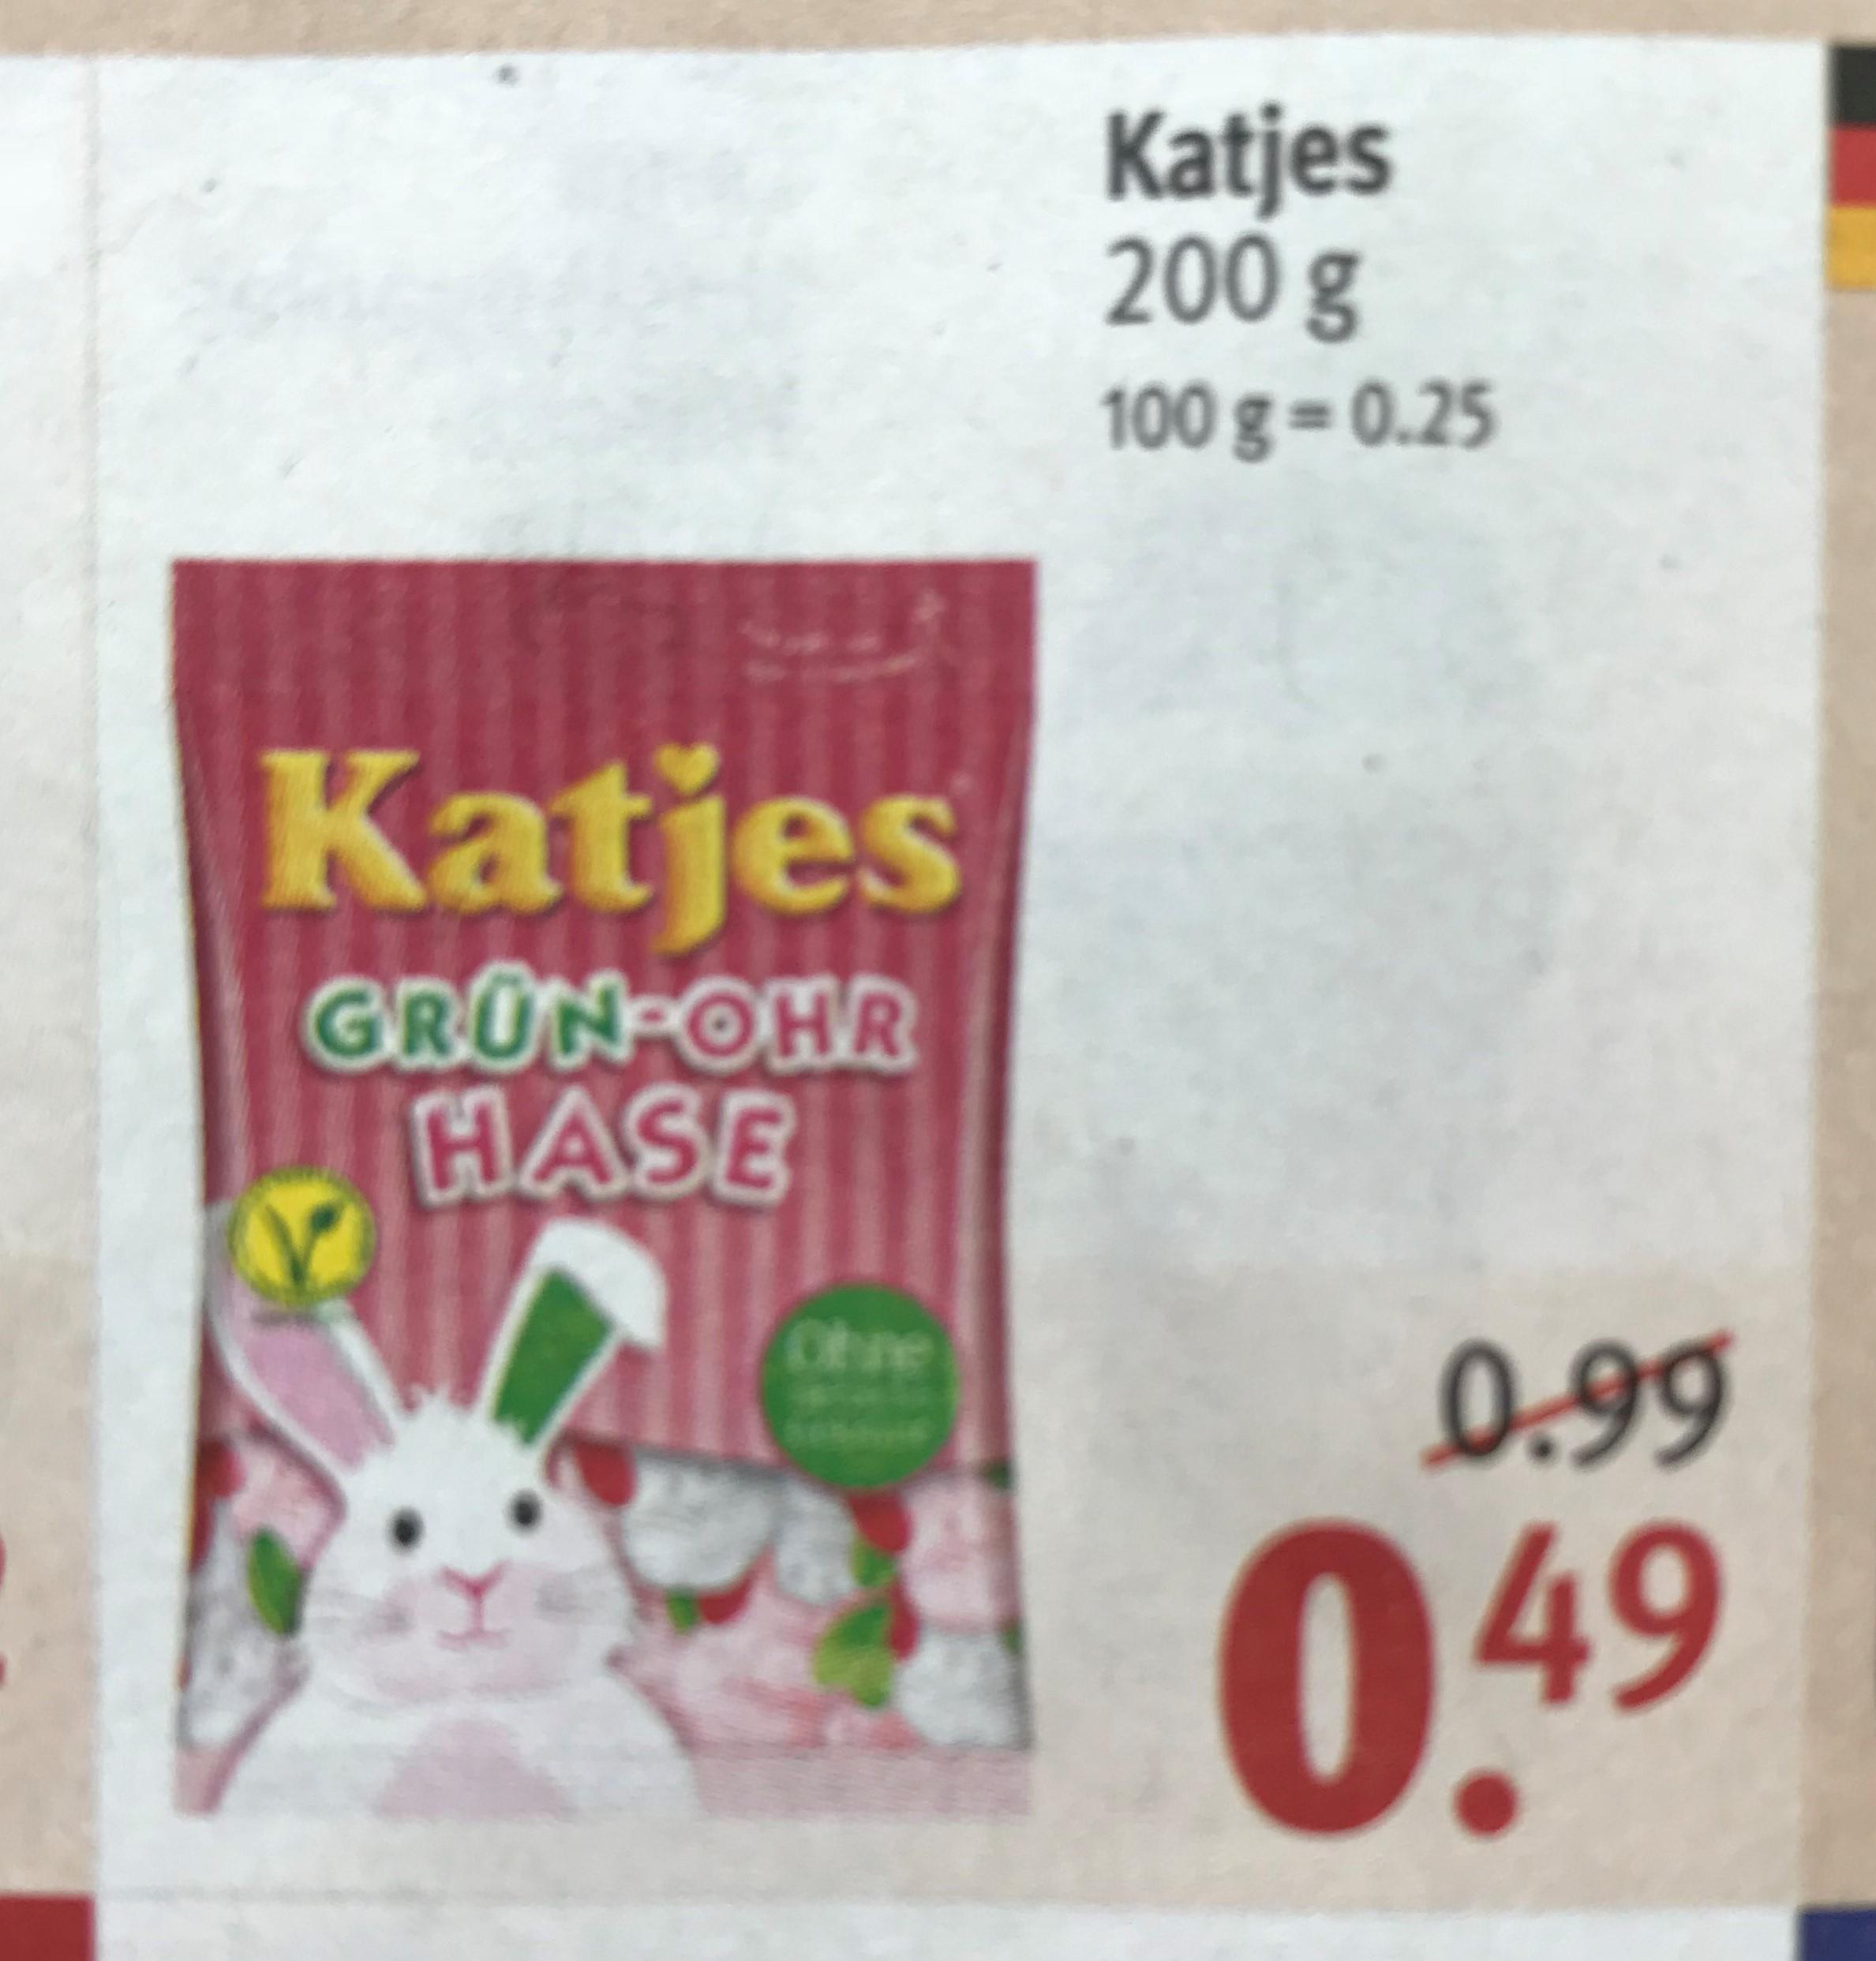 Katjes verschiedene Sorten 200g durch 10%-Gutschein für 0,44€ [Rossmann]